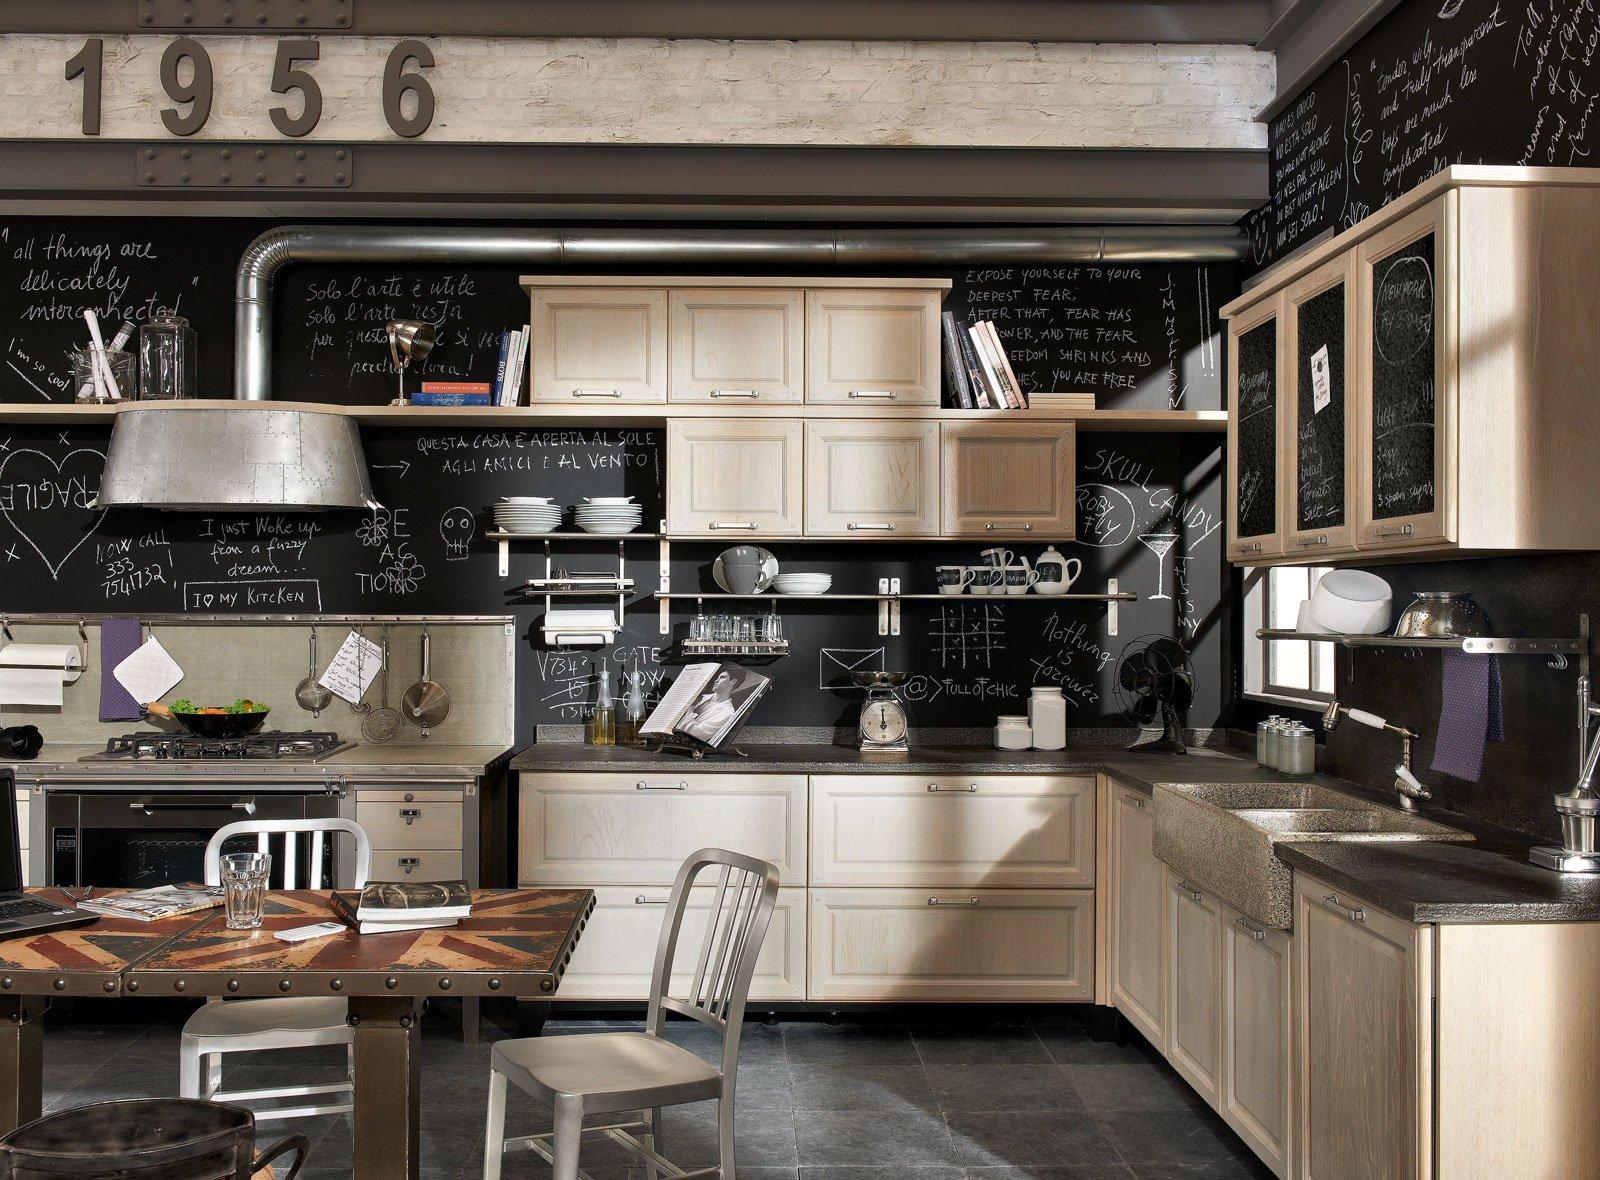 Cucine in legno tradizionali country o moderne cose di - Cucine moderne a parete ...